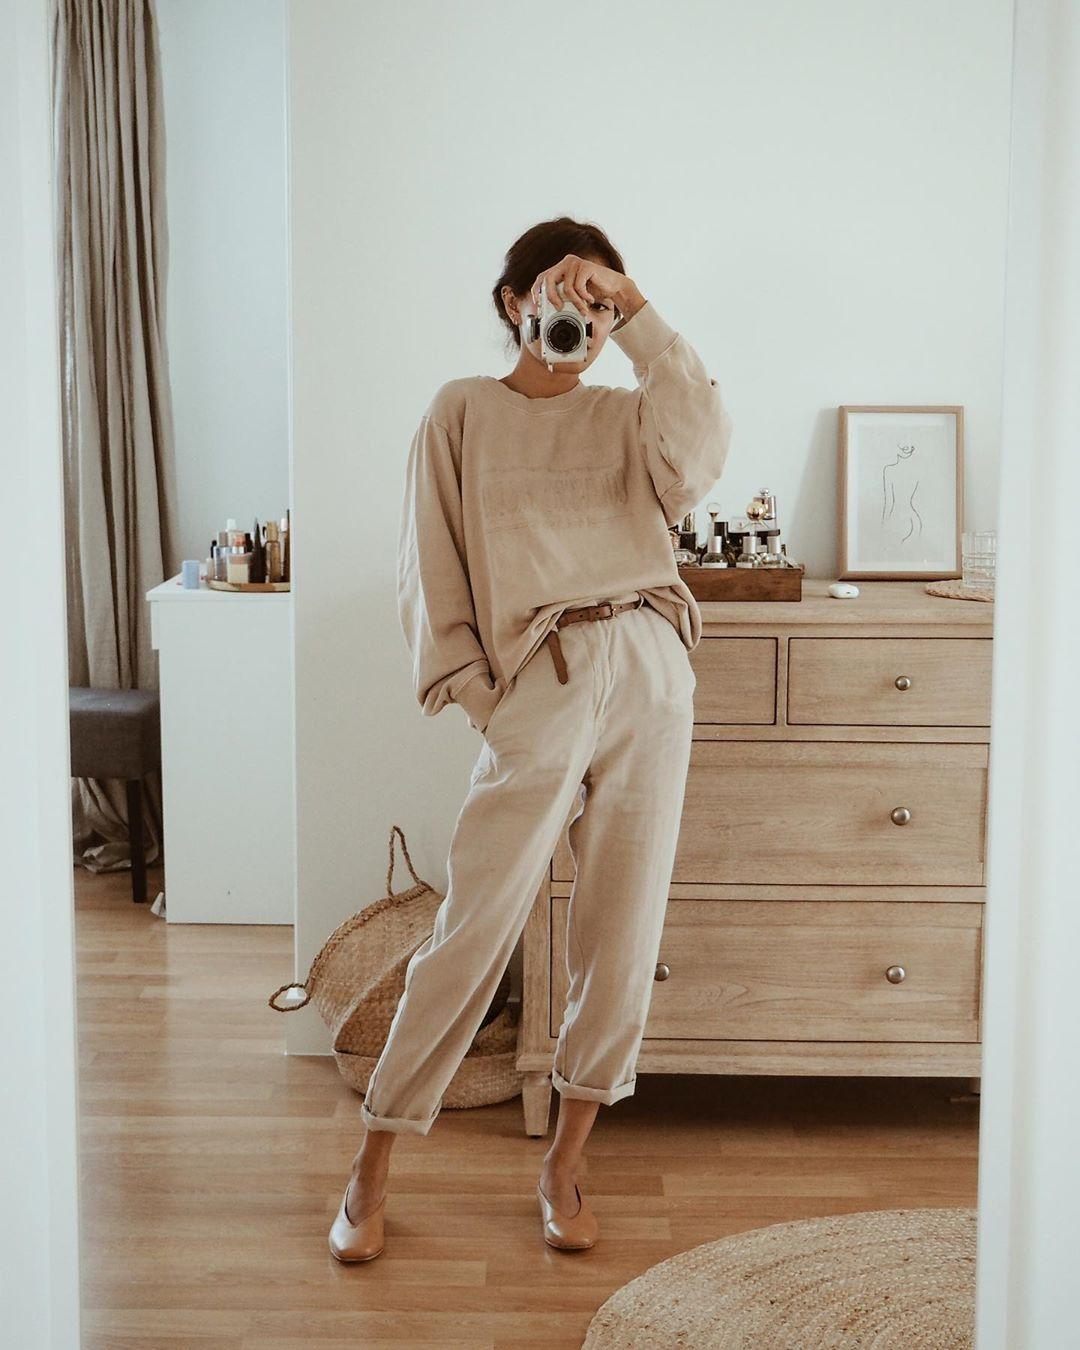 cách mặc đẹp với trang phục monochrome màu be